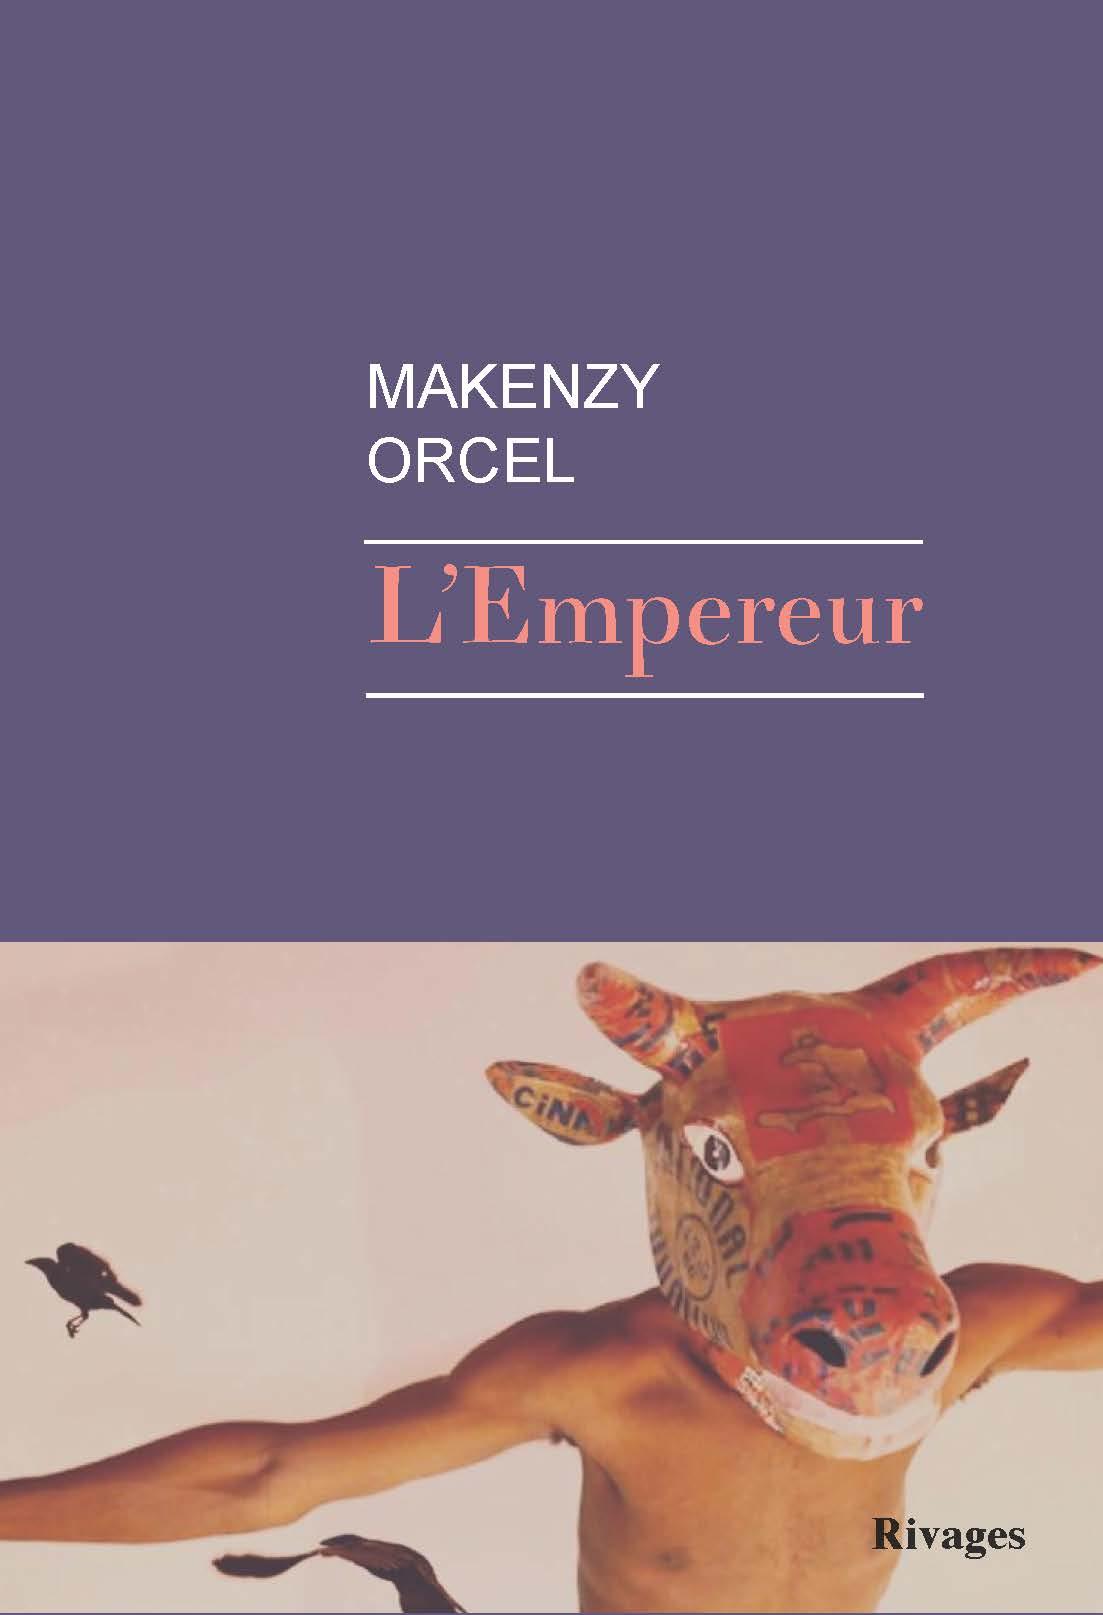 « L'Empereur », de Makenzy Orcel, est sorti chez Rivages (186 pages, 17,50 euros).